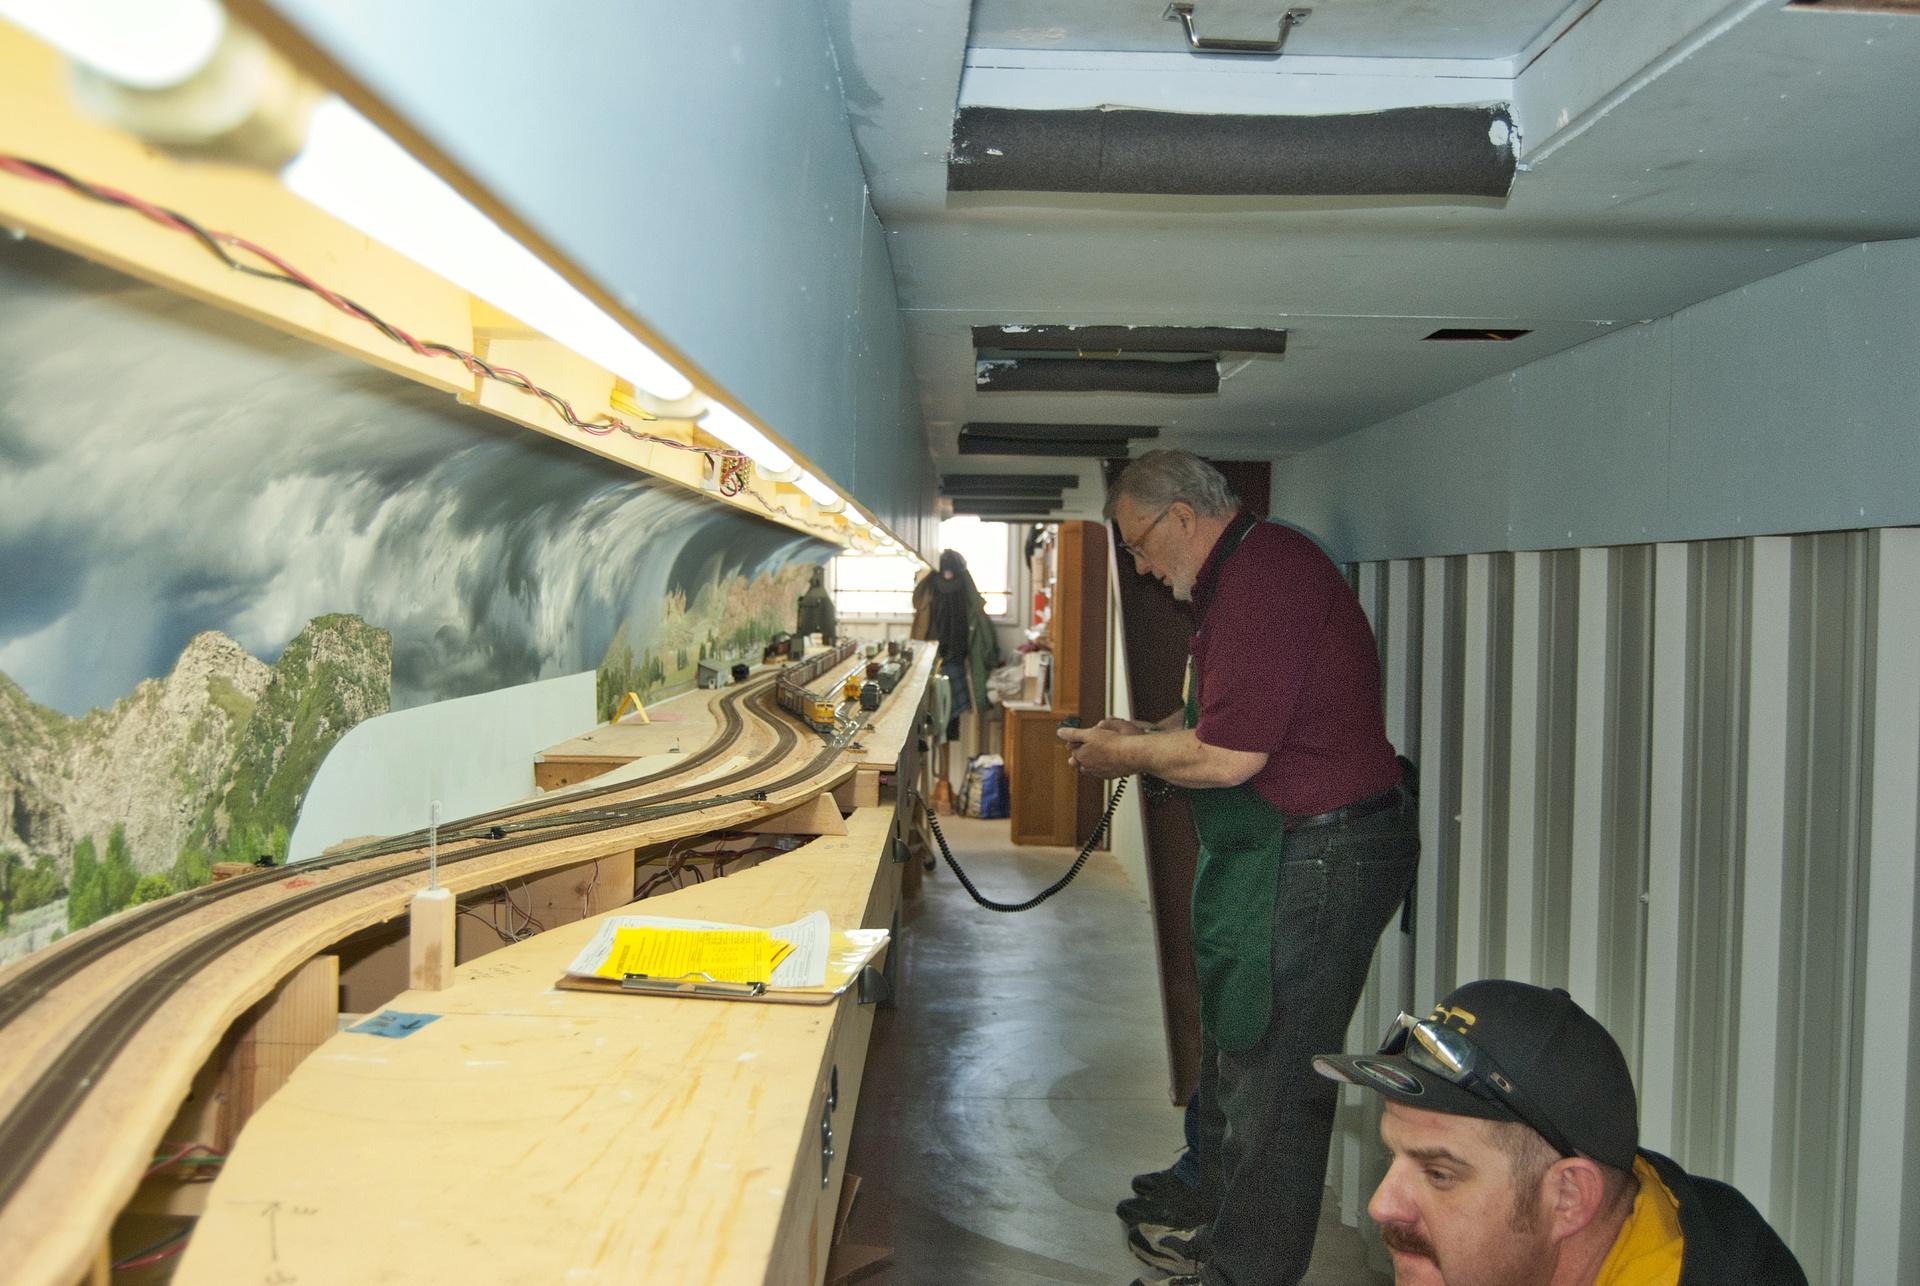 Verryl V Fosnight Jr's Gallery